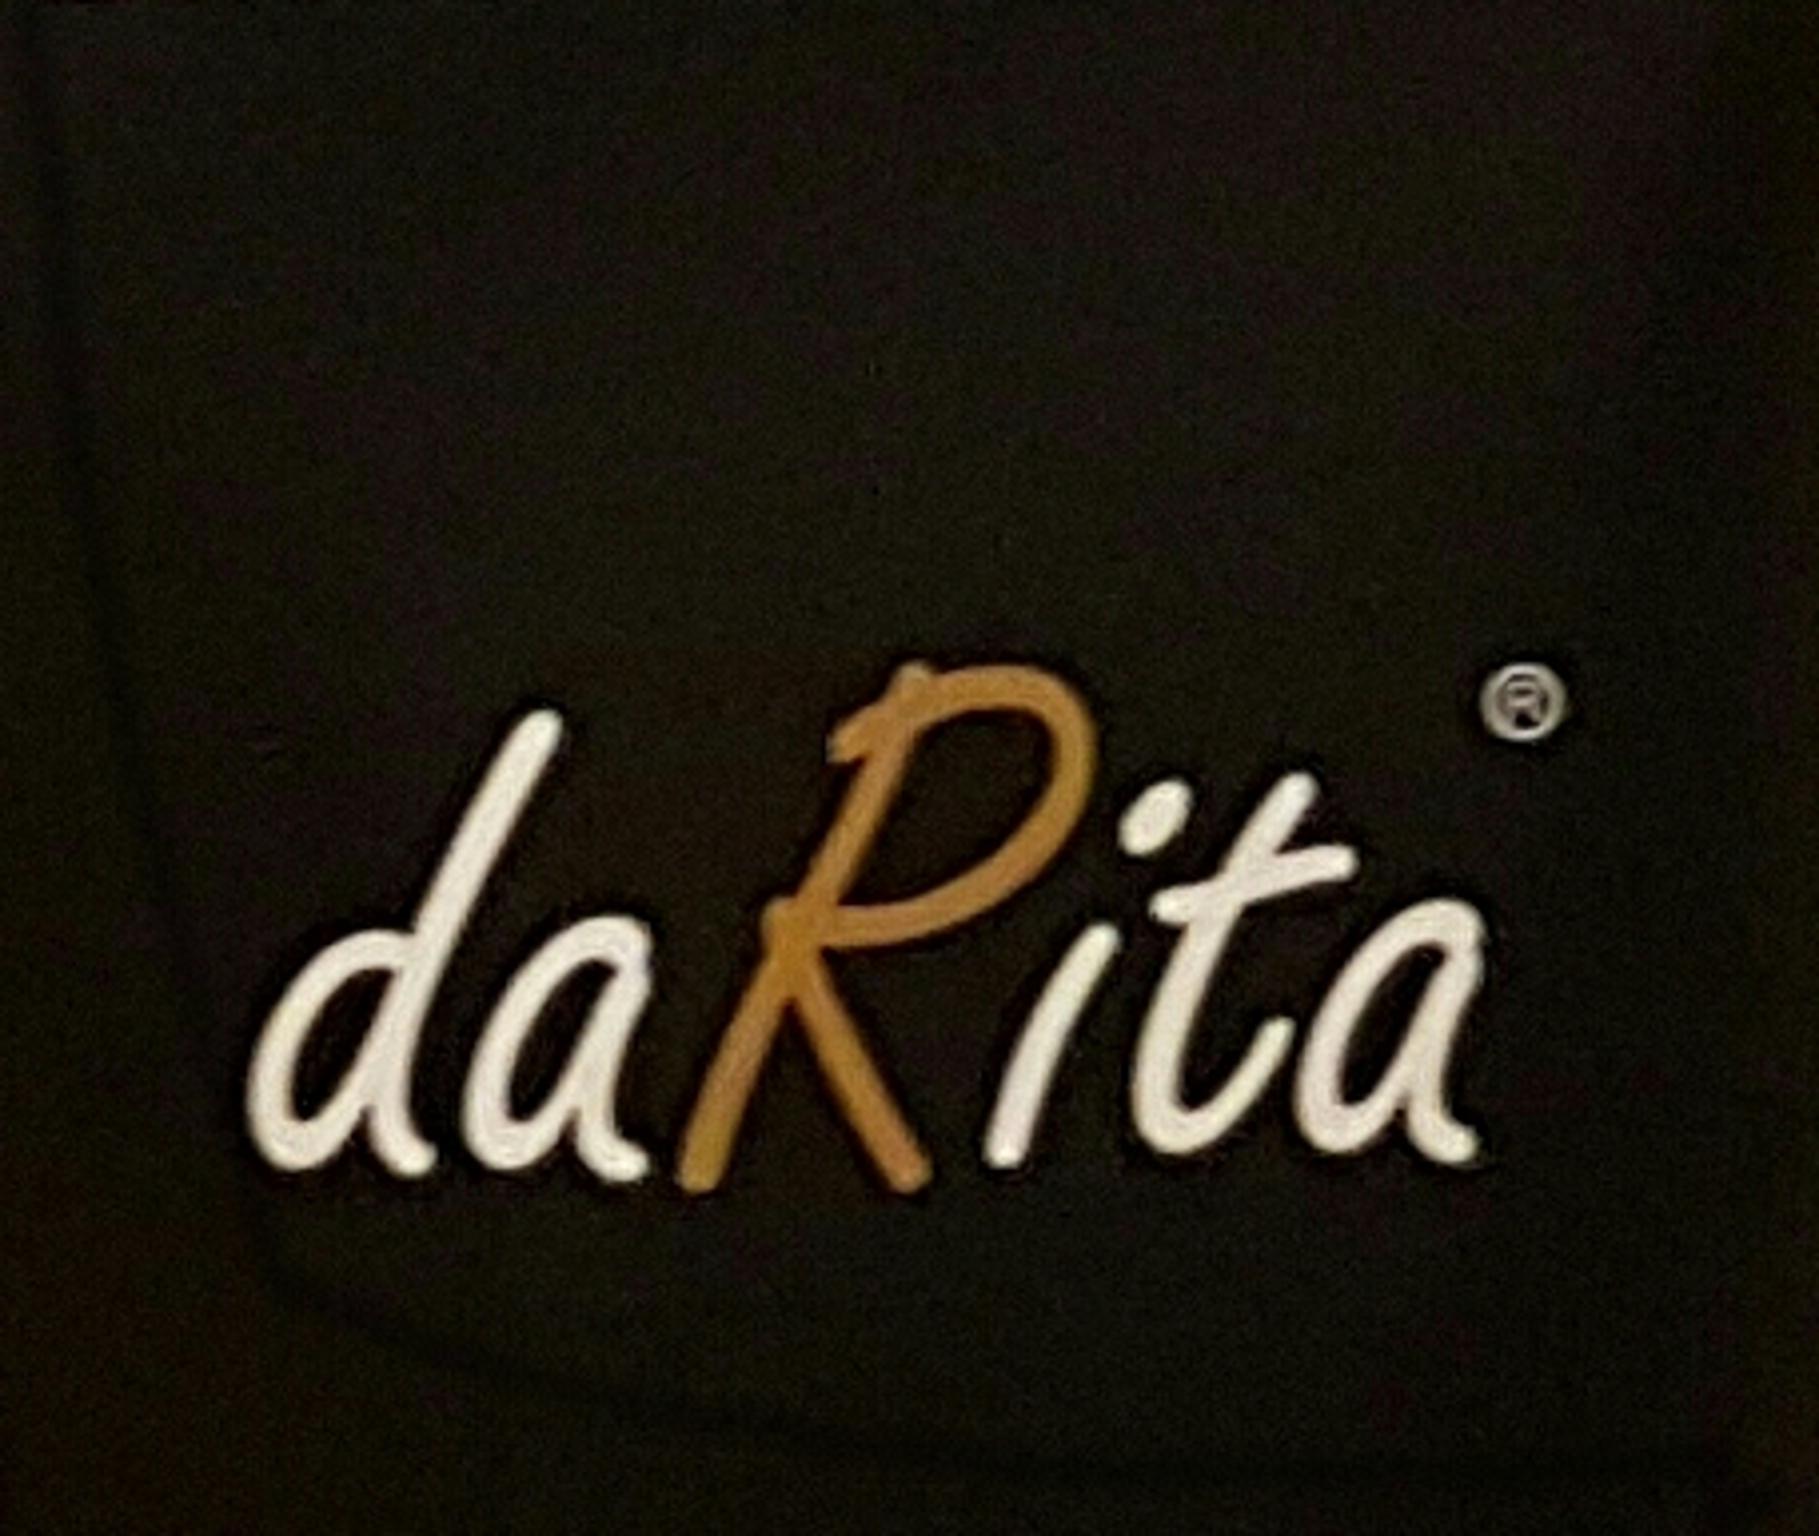 Granola daRita